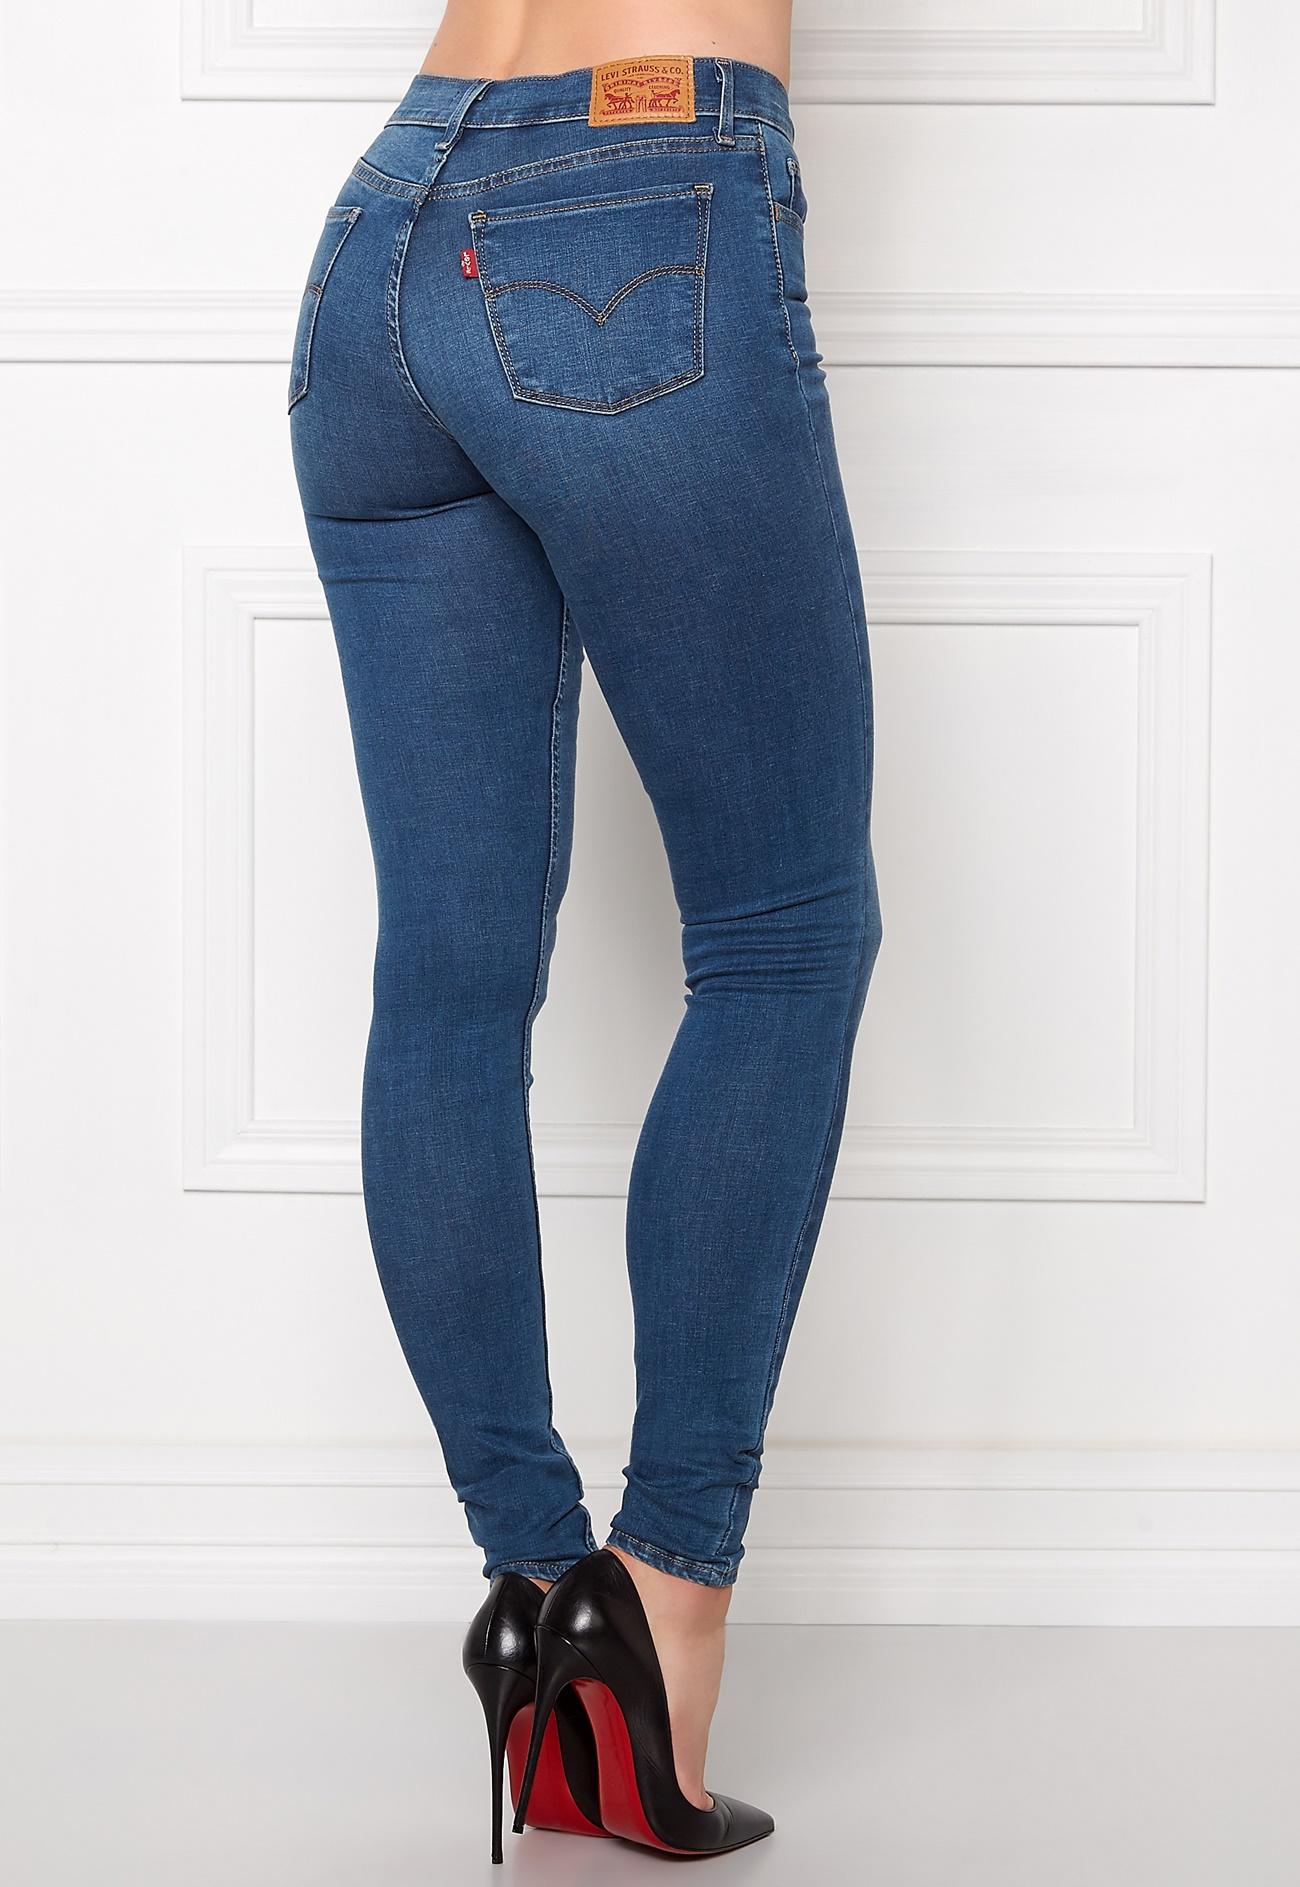 levi 39 s super skinny jeans jeans skinny jeans. Black Bedroom Furniture Sets. Home Design Ideas